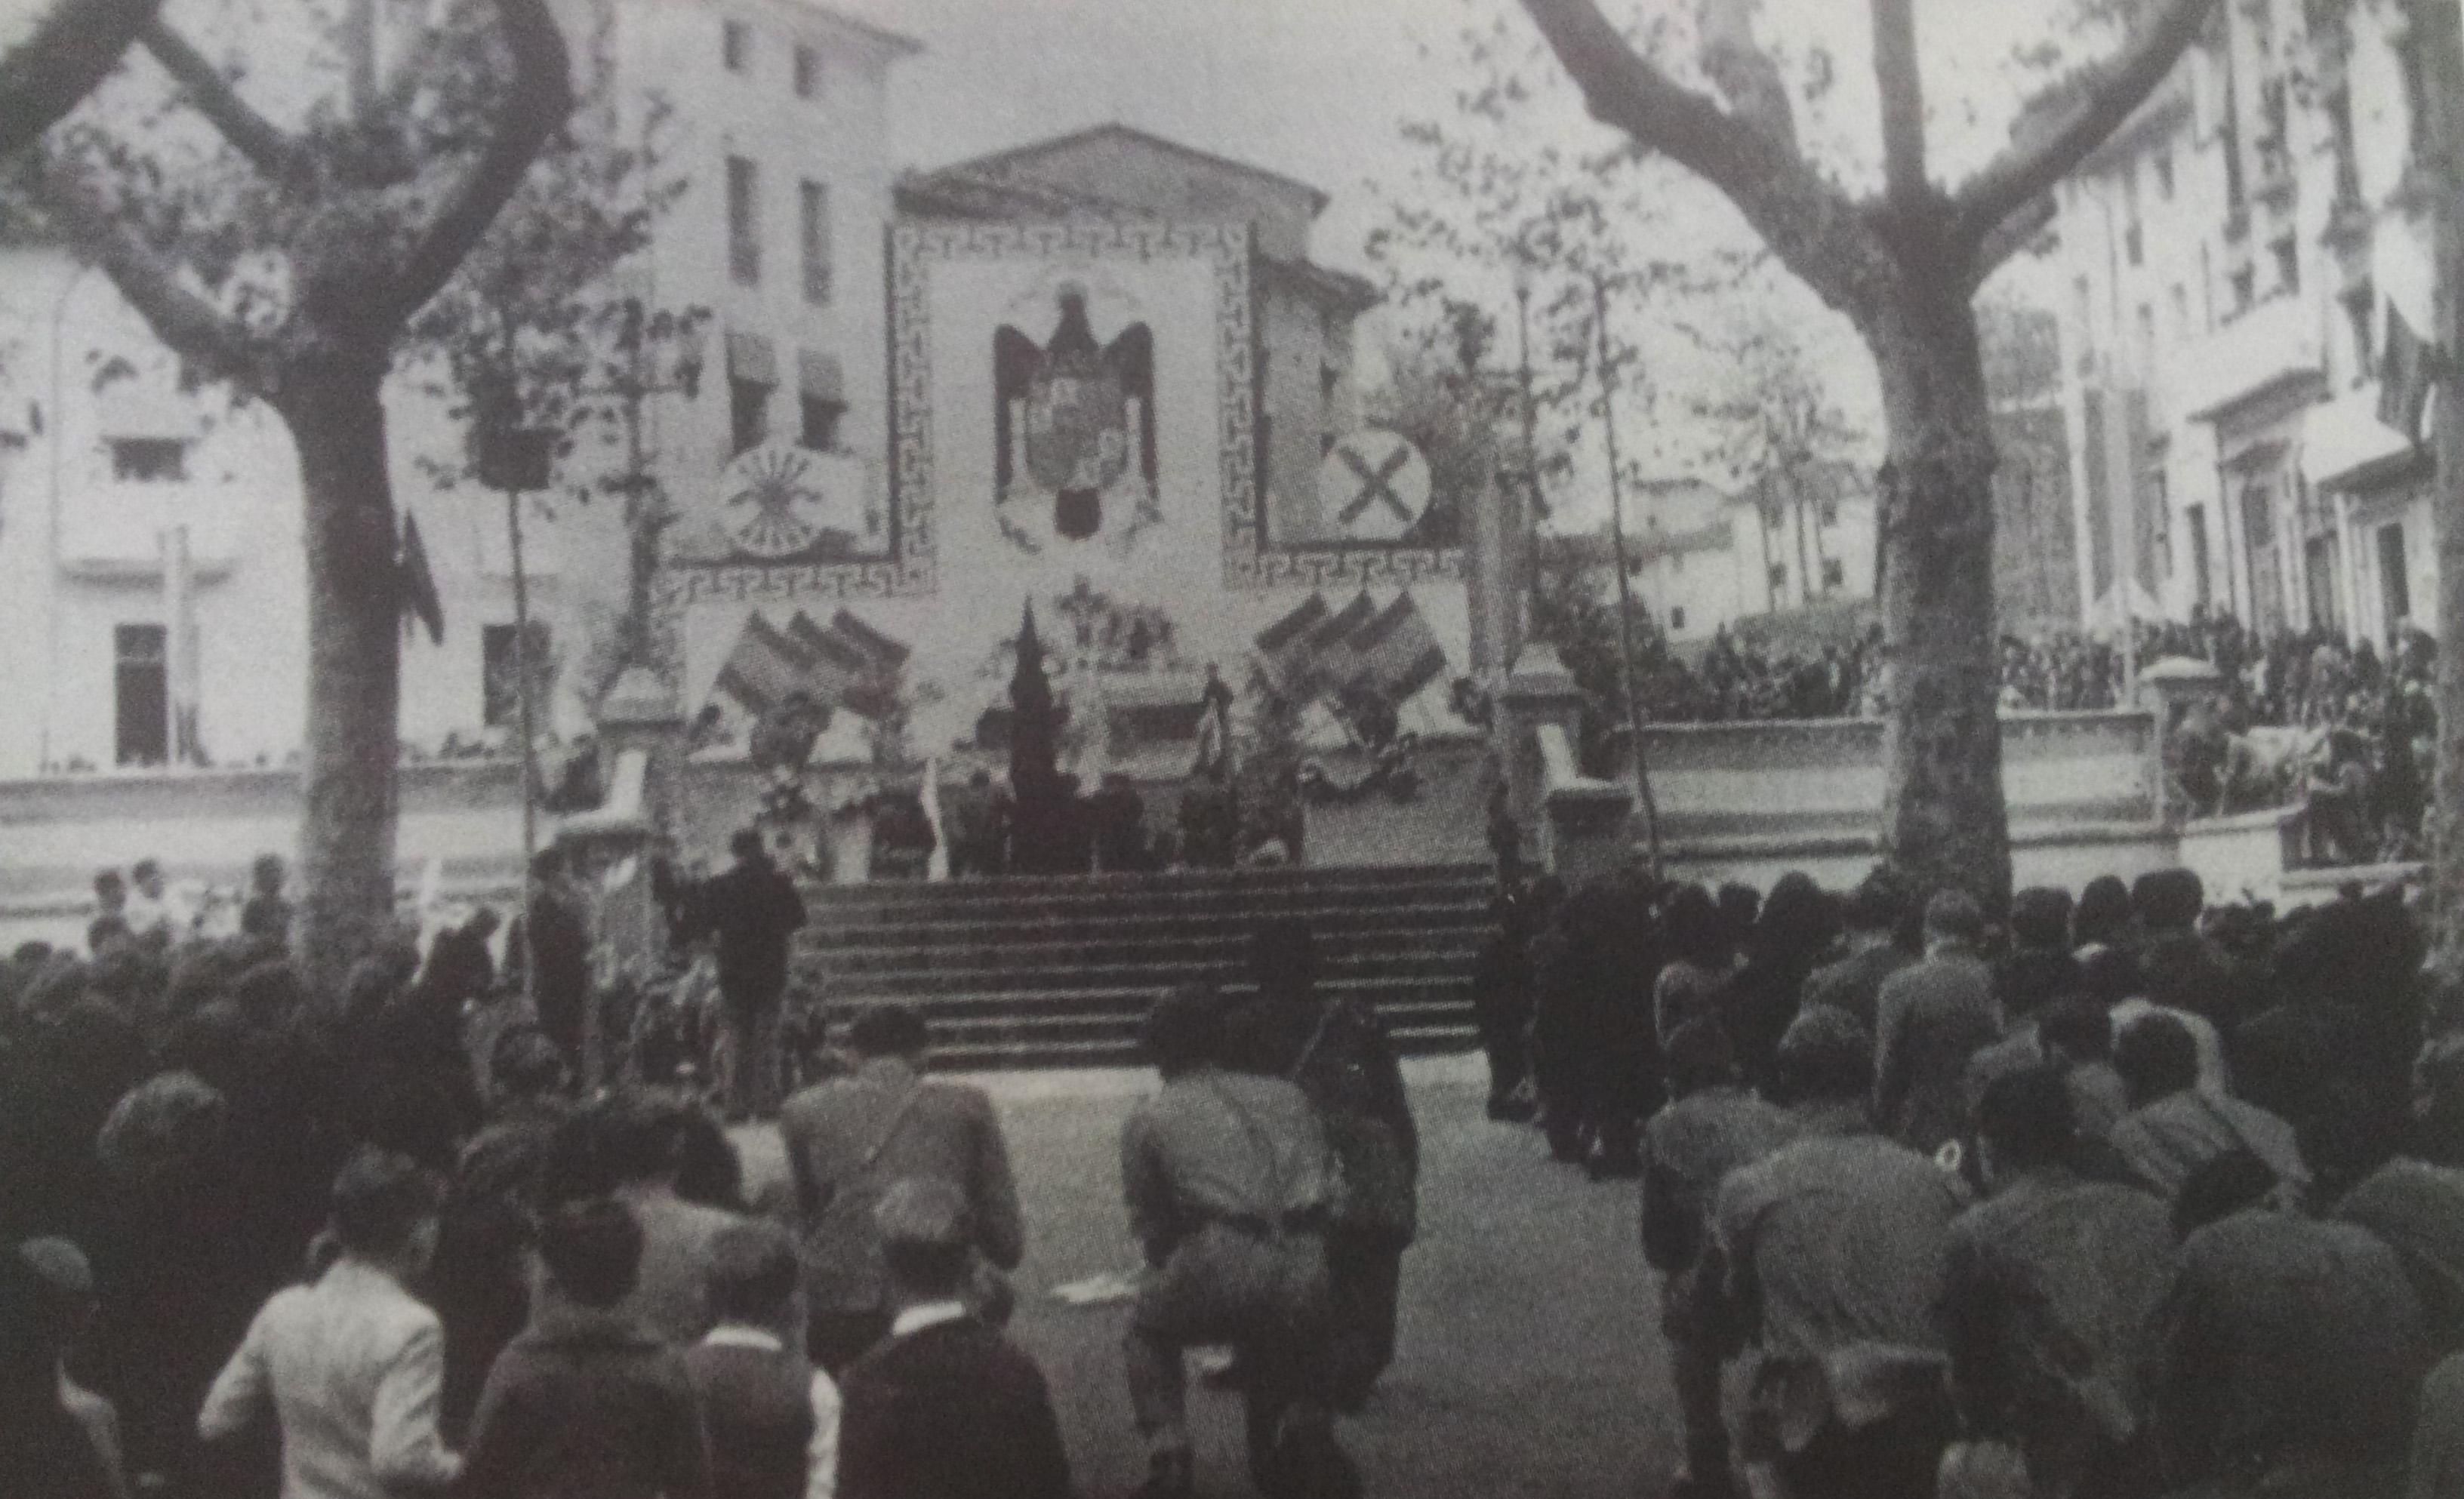 Comunicat: 75 anys de l'entrada de les tropes Franquistes a Olot